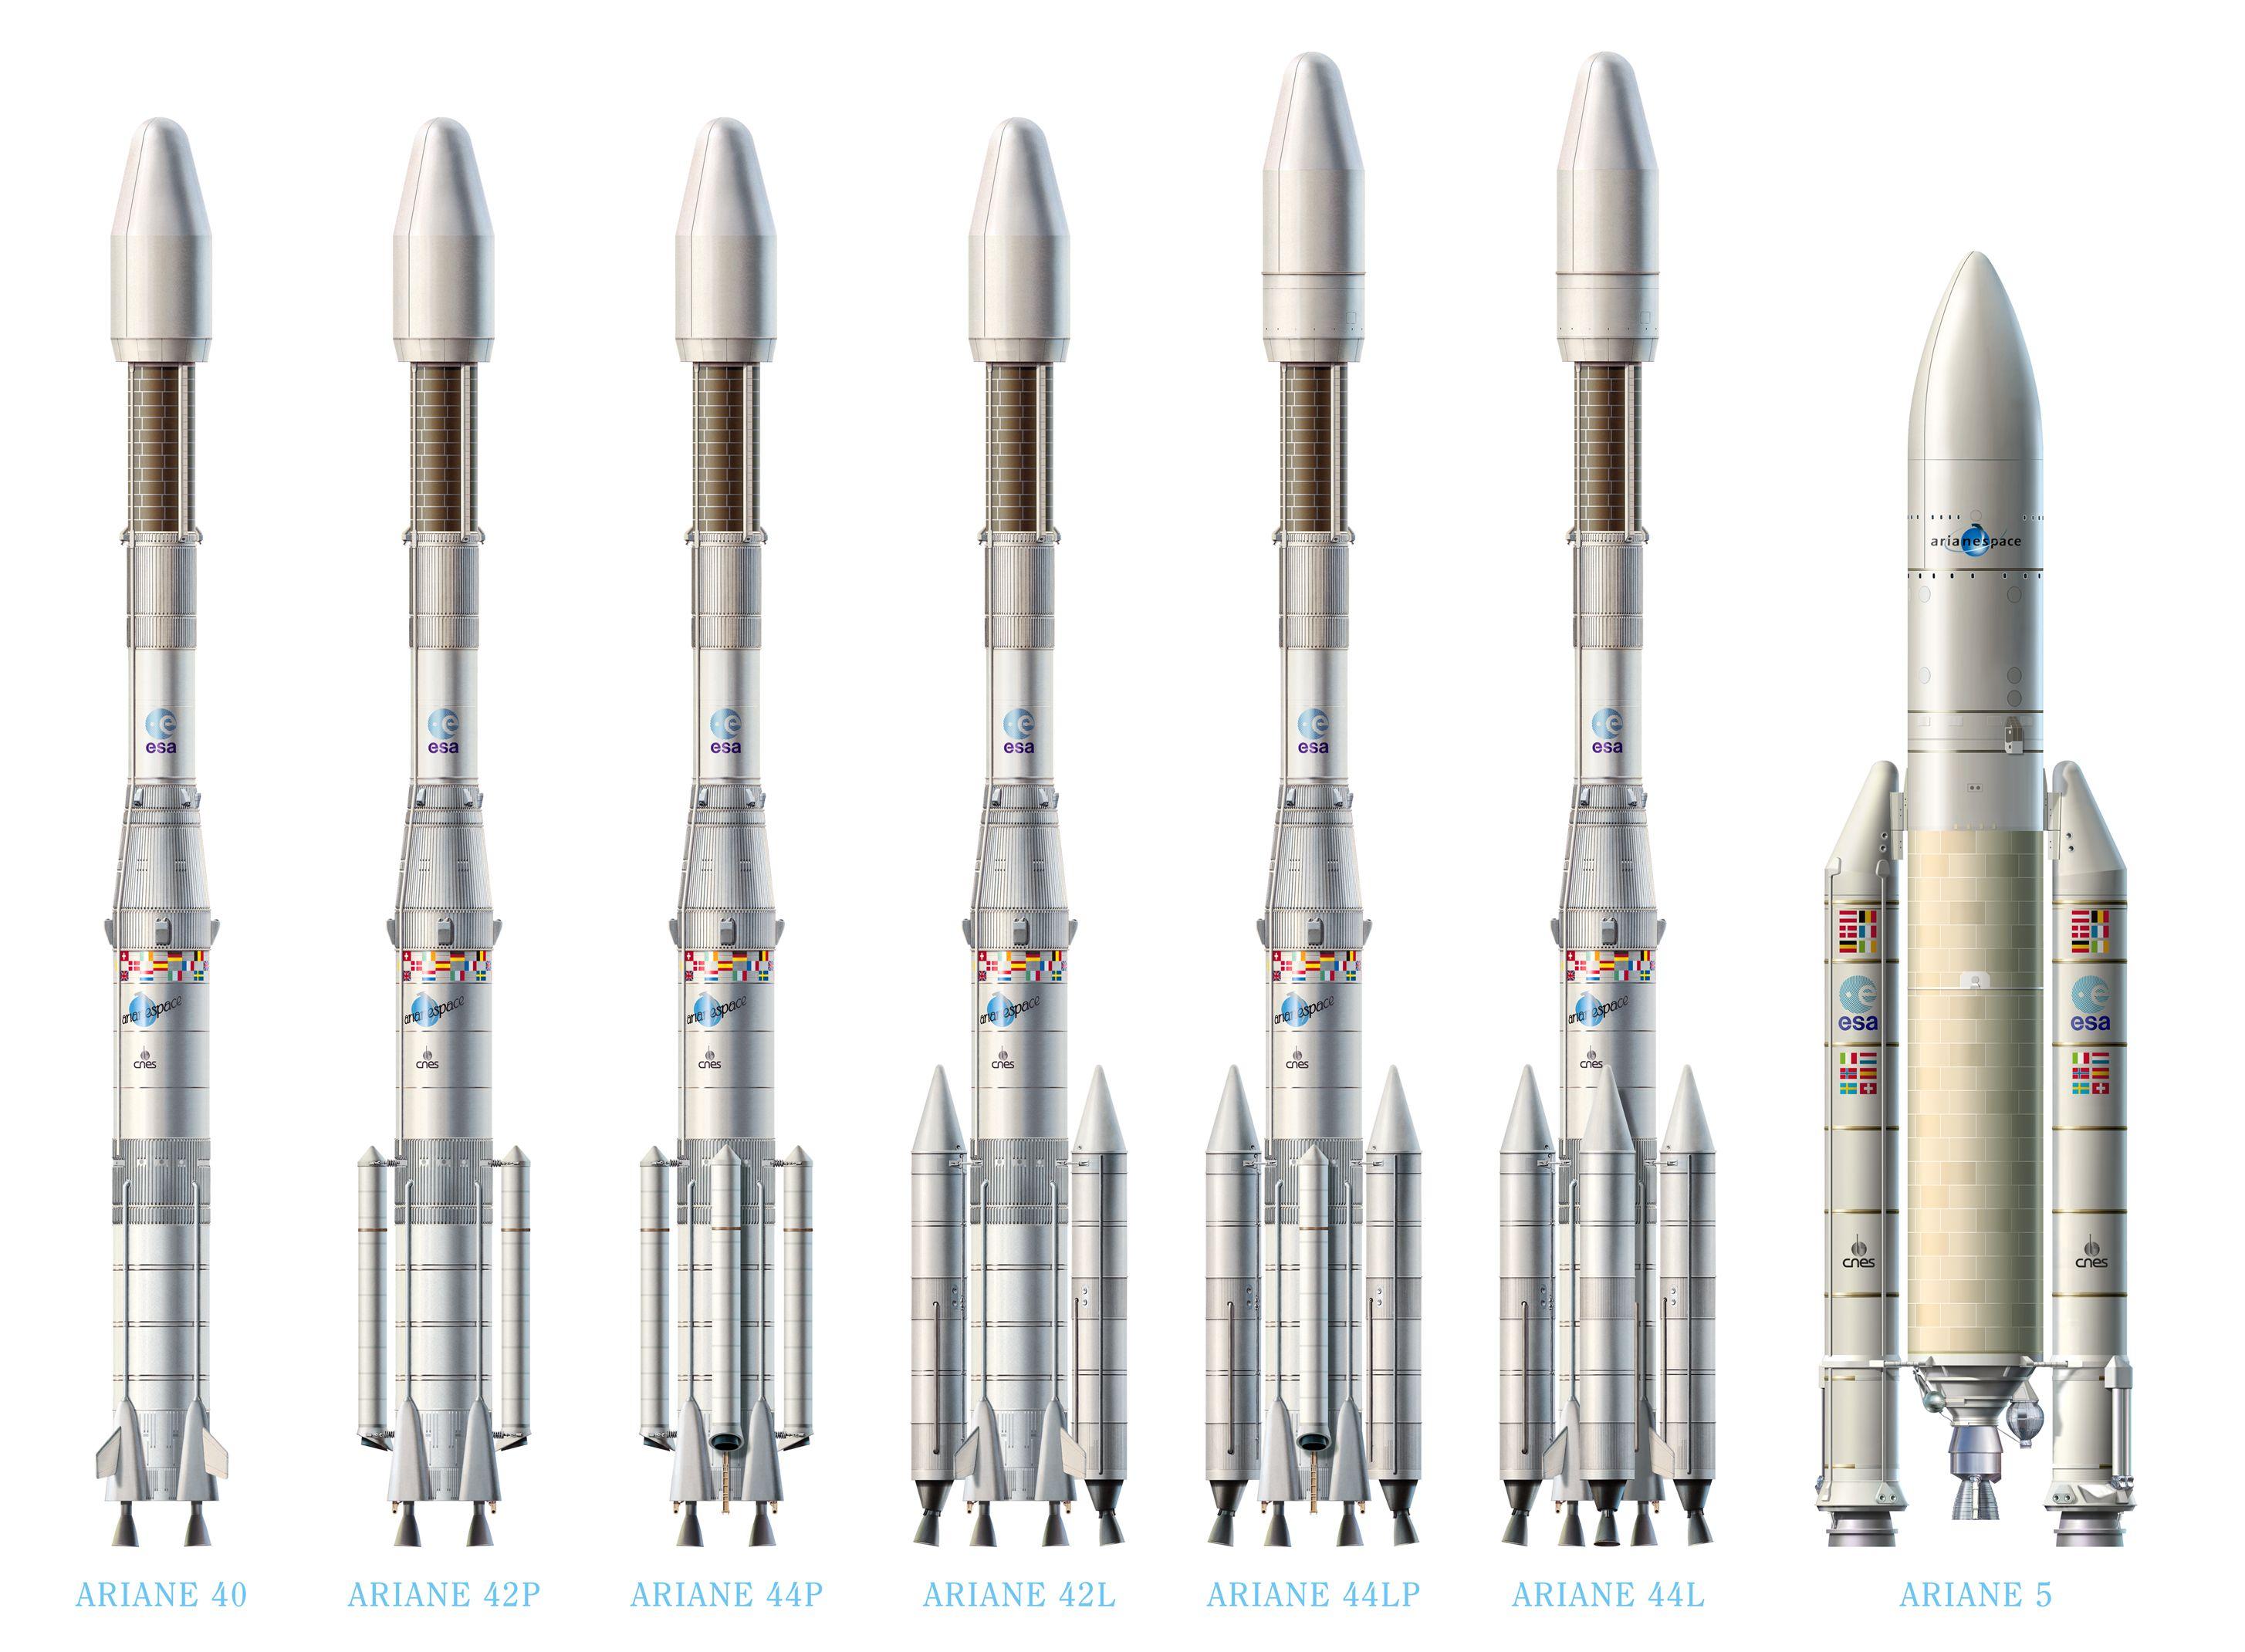 Ariane_4_and_Ariane_5_launchers_artist_view